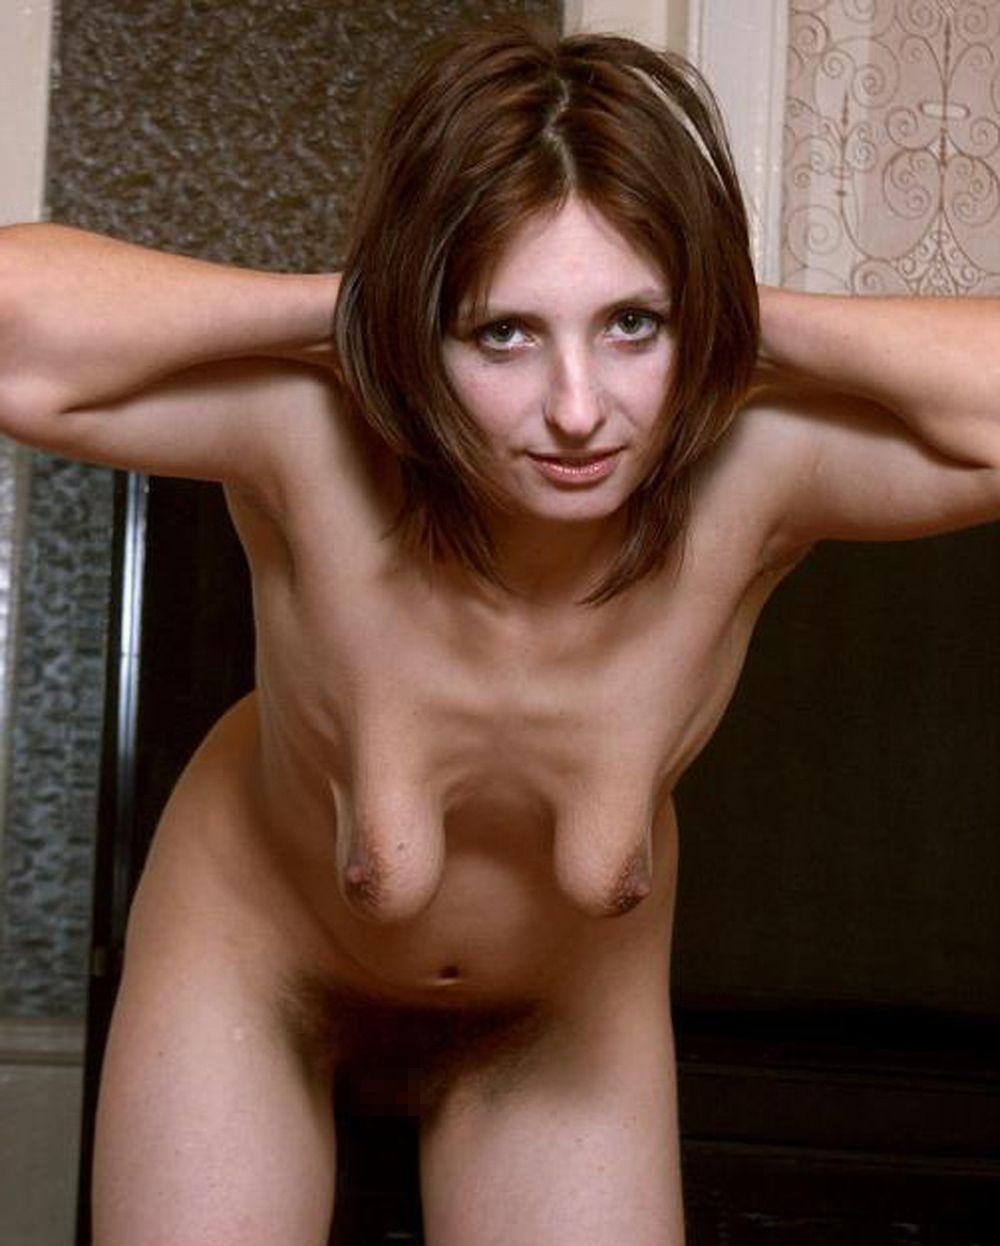 【強烈】ギリギリ抱けそうな垂れ乳BBAの体をご覧ください。(画像あり)・25枚目